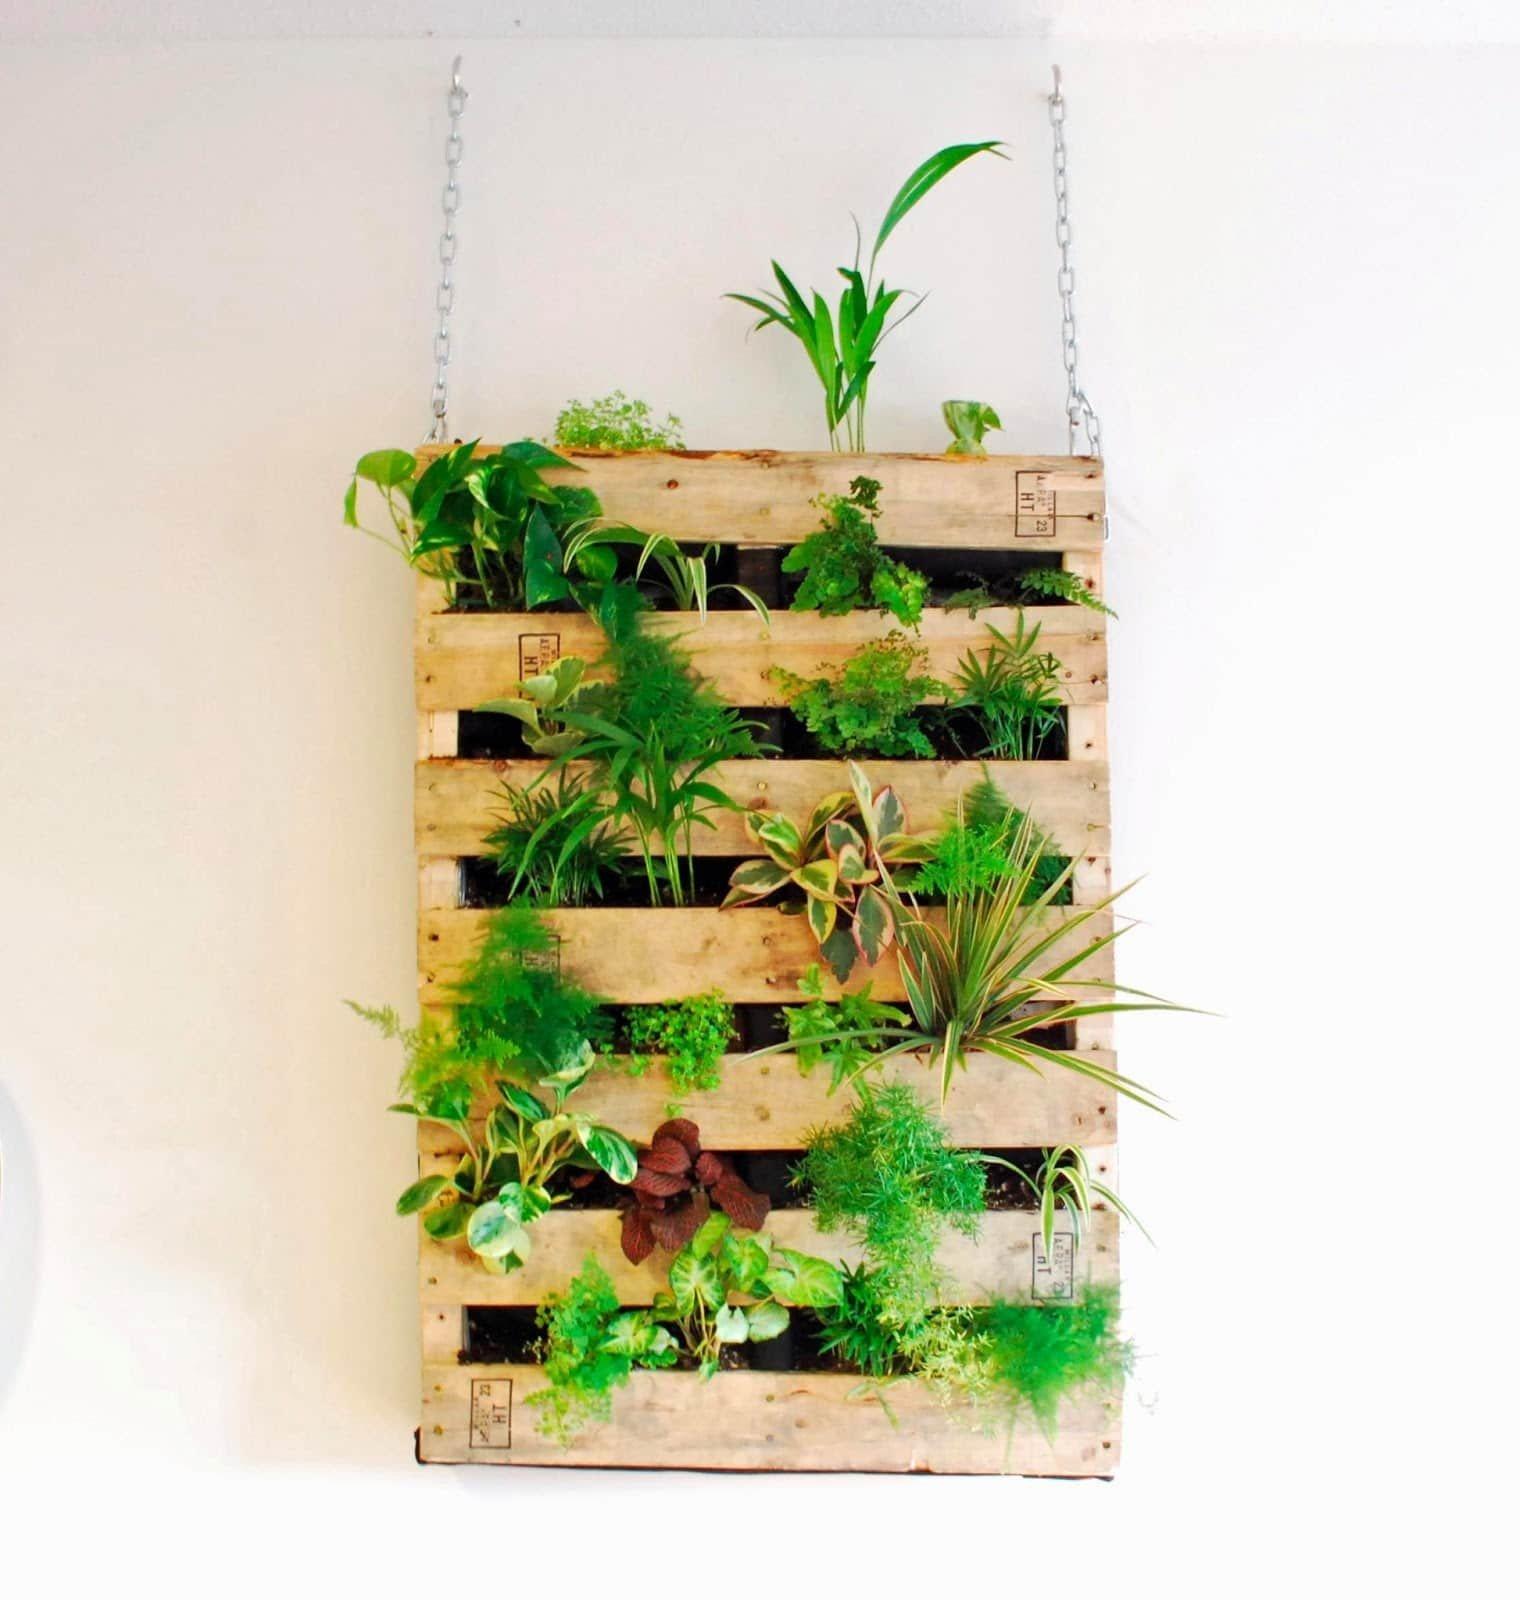 Giardini verticali per decorare le pareti design miss - Giardino pallet ...